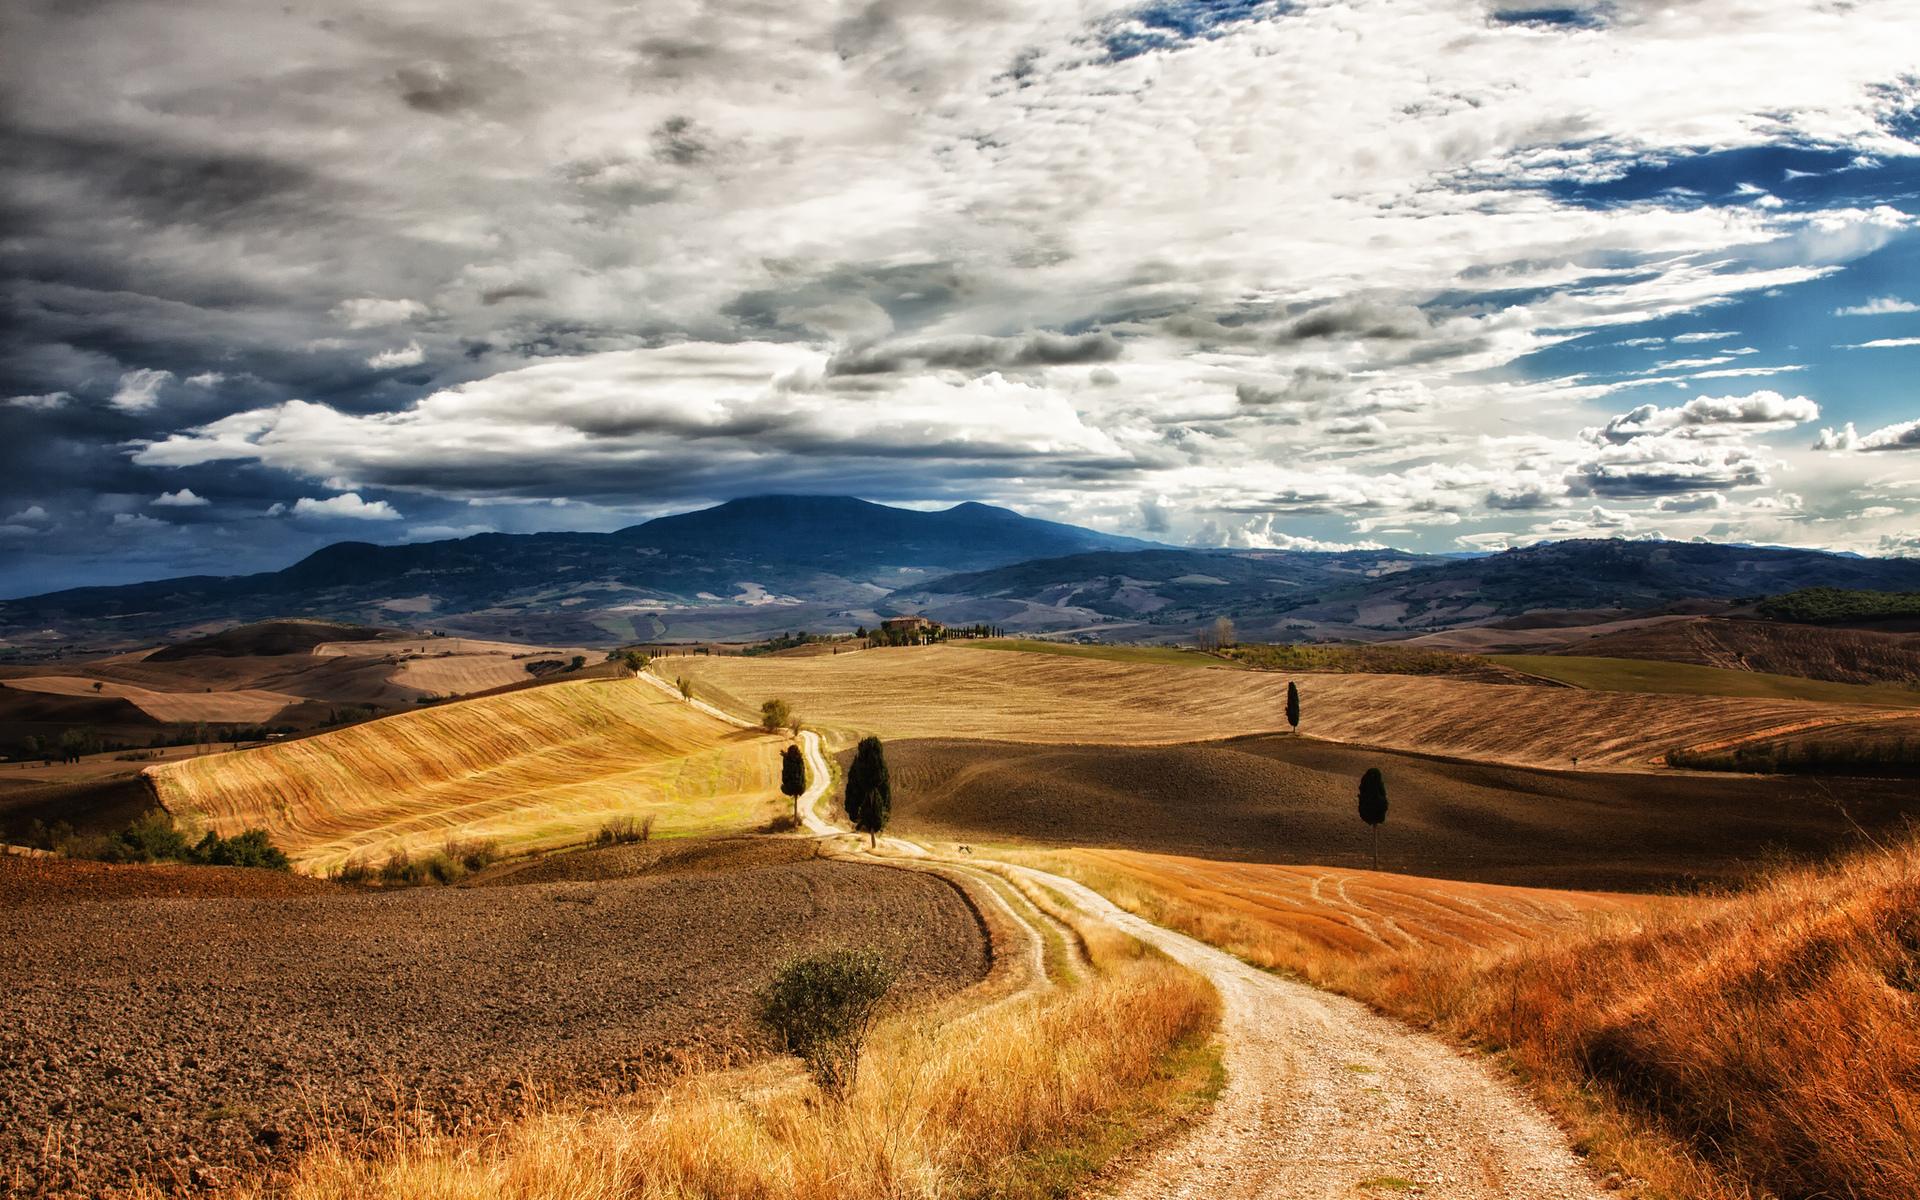 7002548-tuscany-landscape